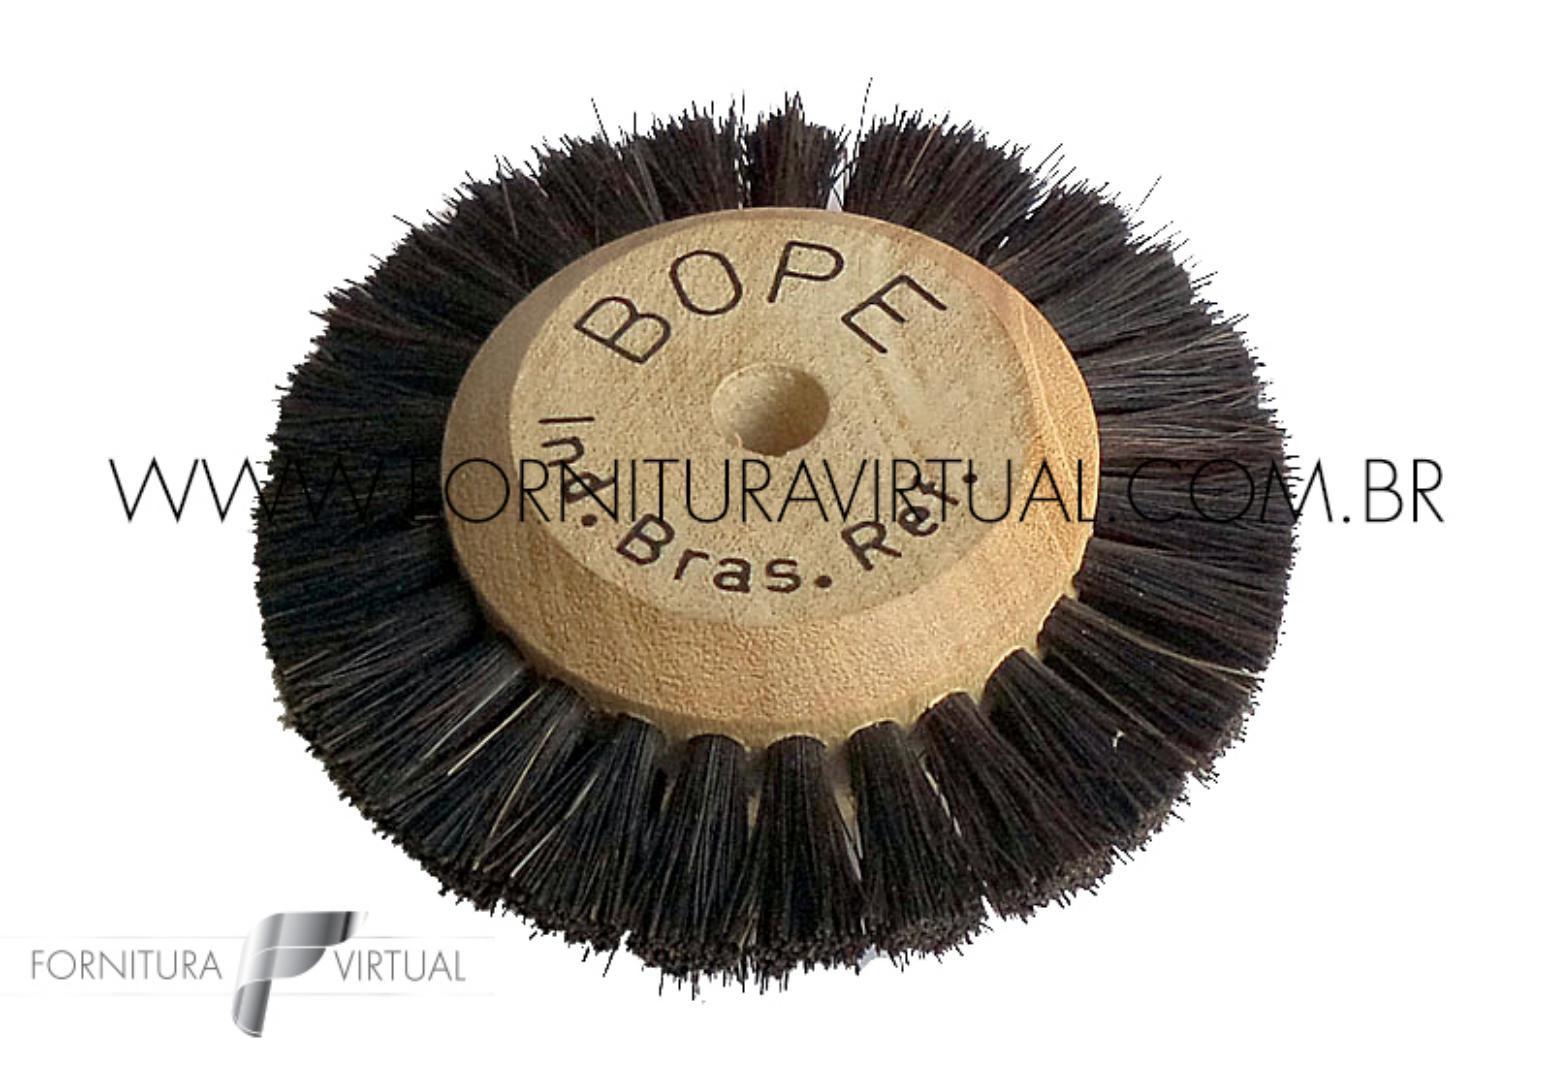 Escova Rotativa de Crina nº23 - BOPE